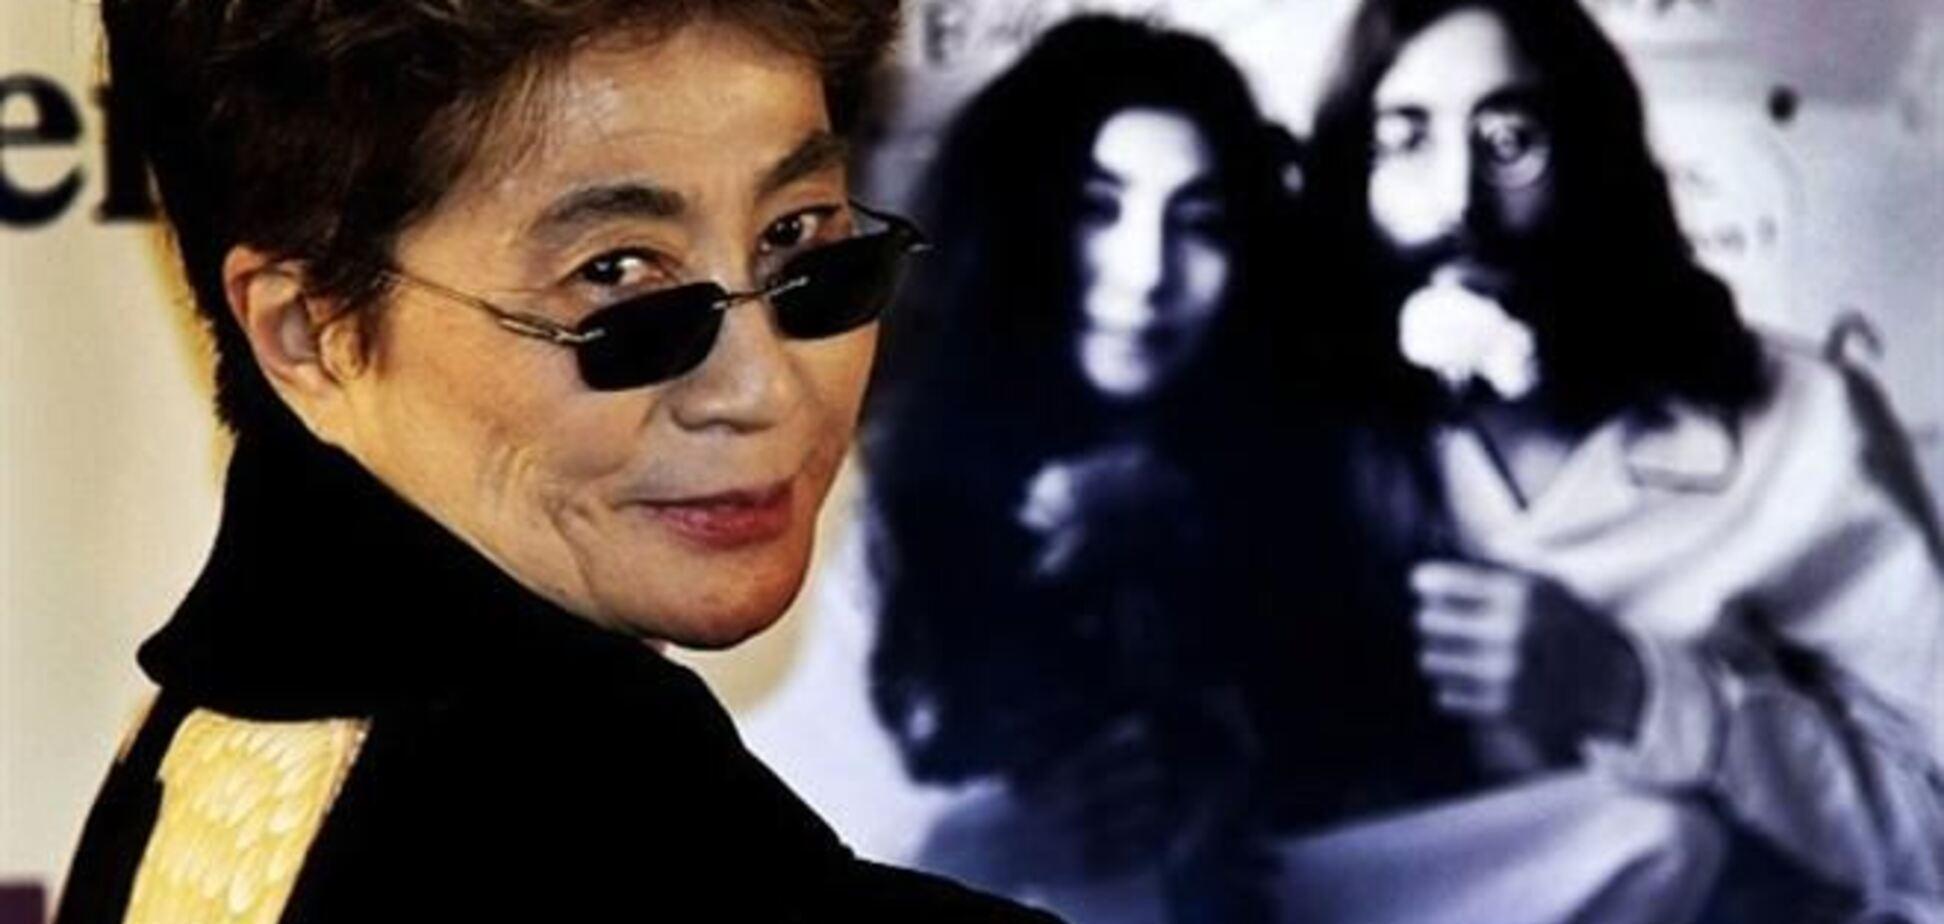 Вдова Джона Леннона Йоко Оно продает свой пентхаус в Нью-Йорке